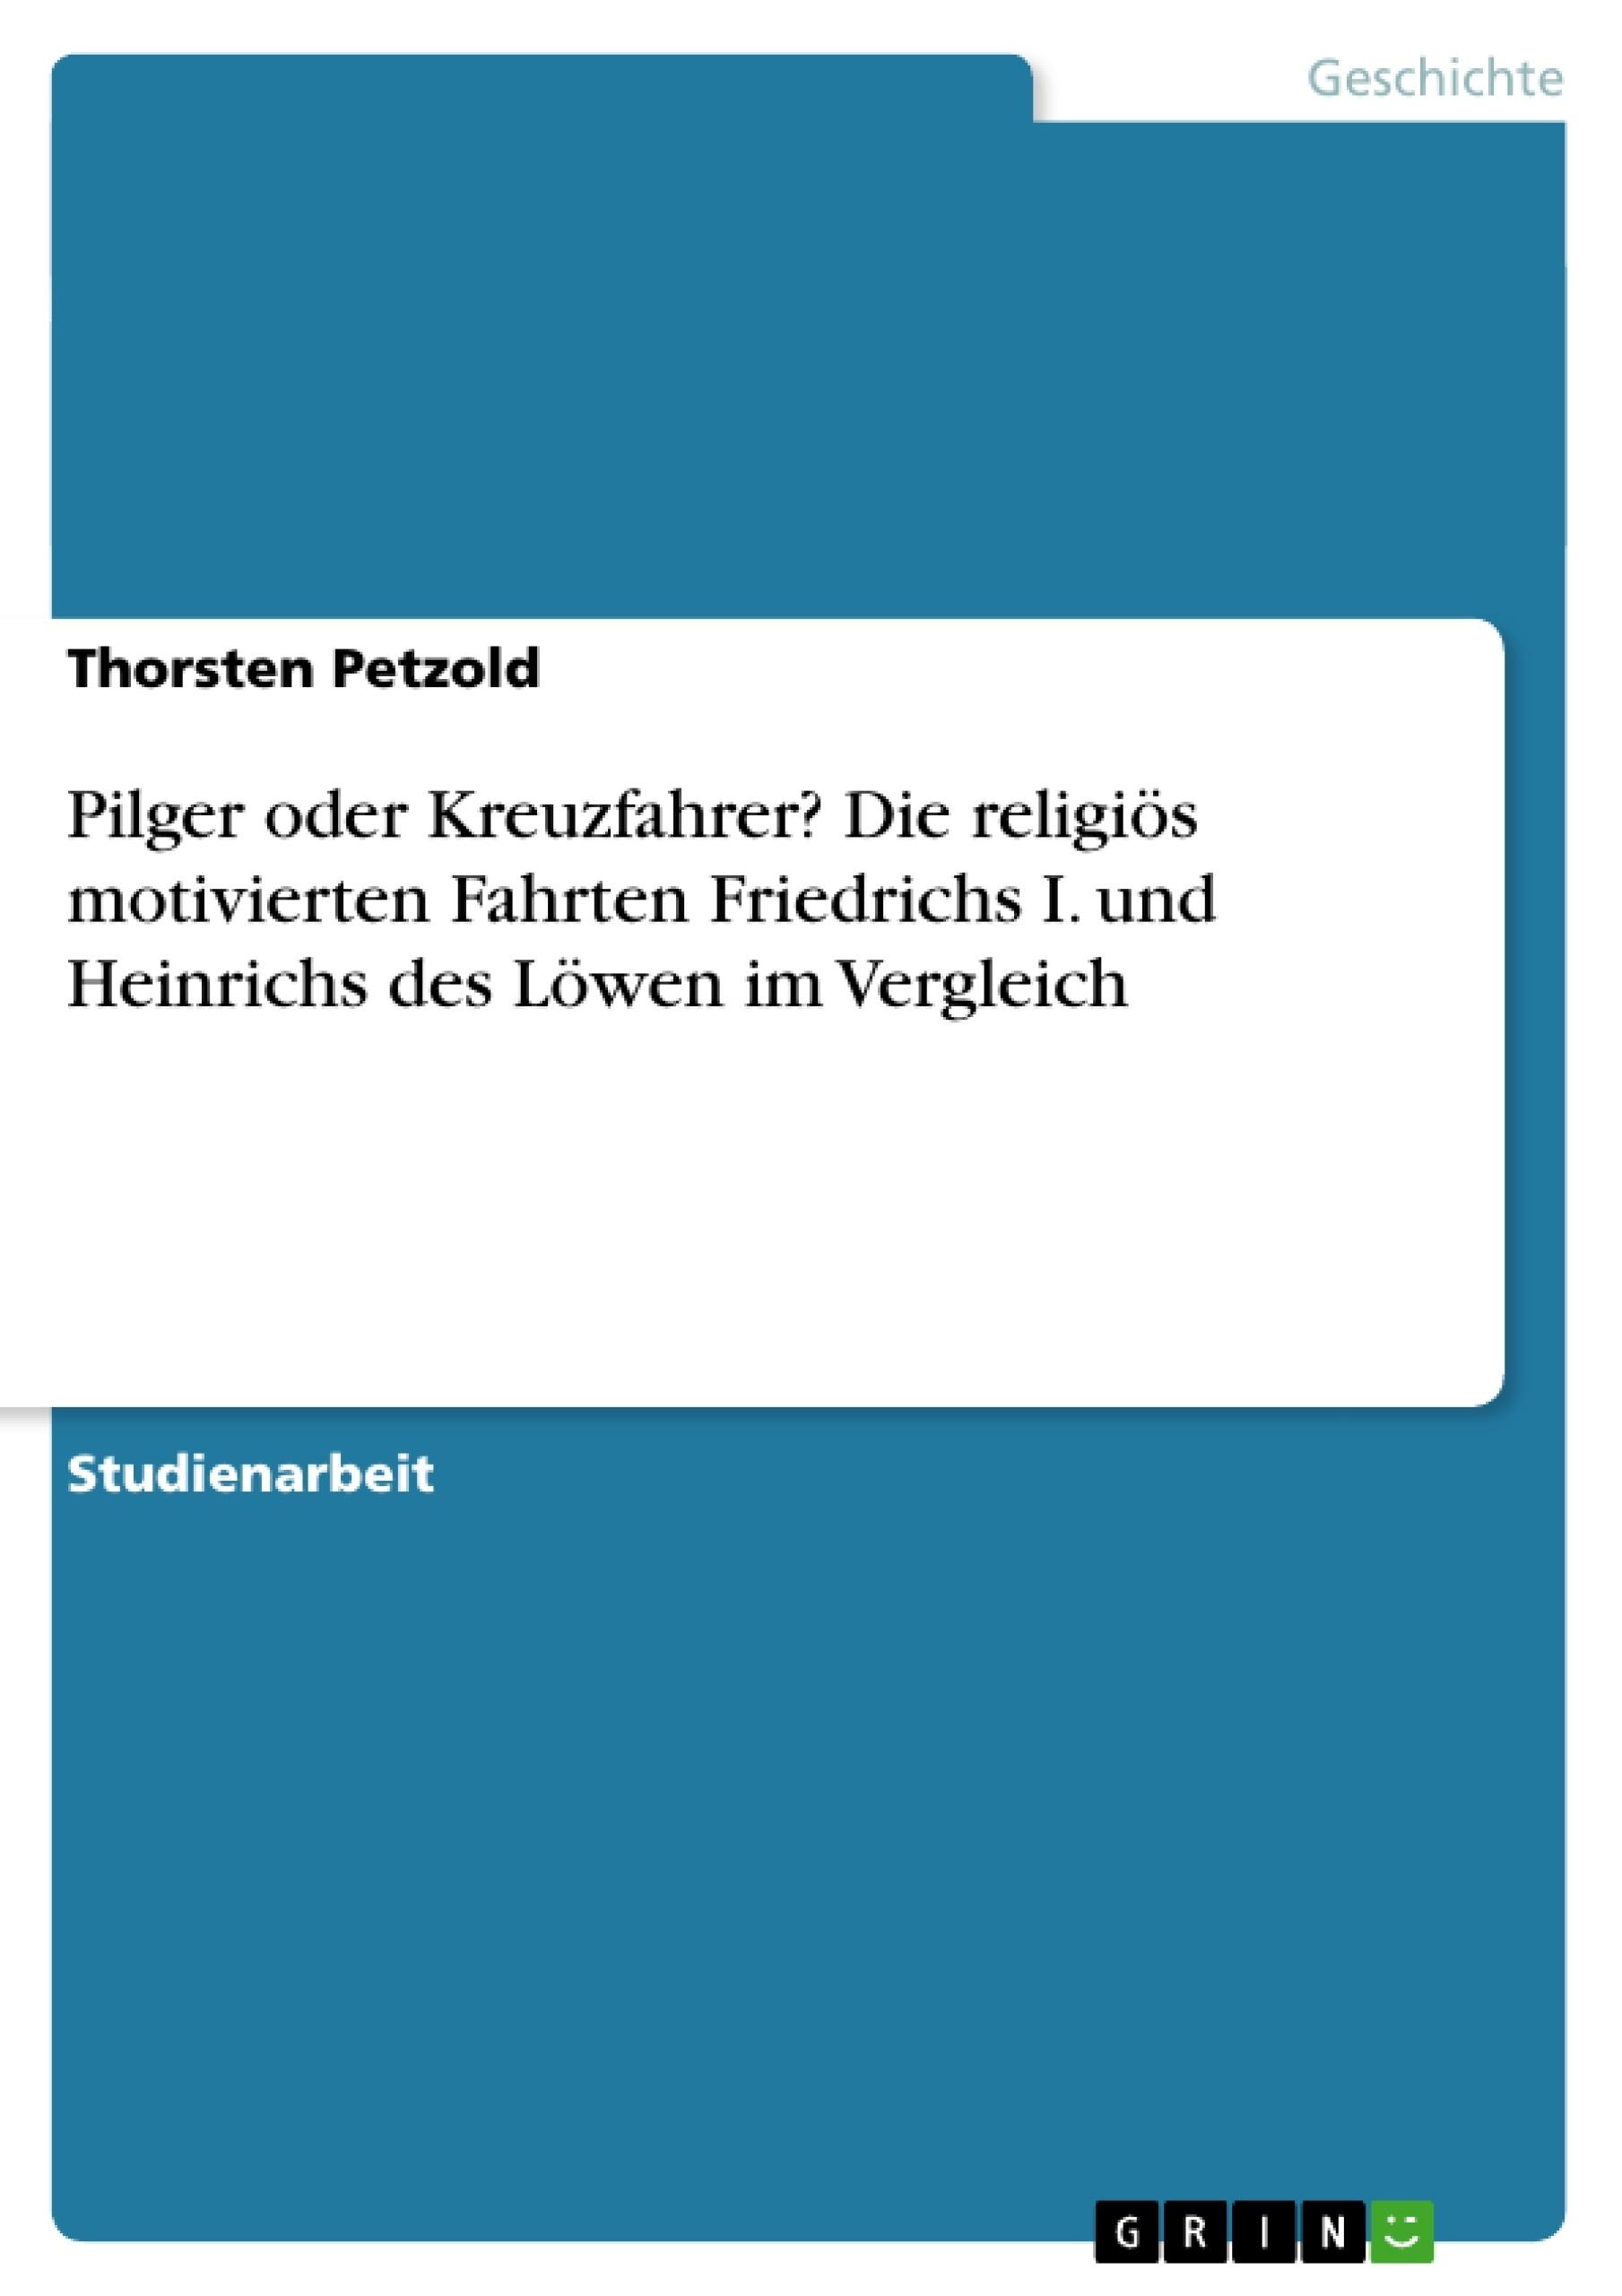 Titel: Pilger oder Kreuzfahrer? Die religiös motivierten Fahrten Friedrichs I. und Heinrichs des Löwen im Vergleich